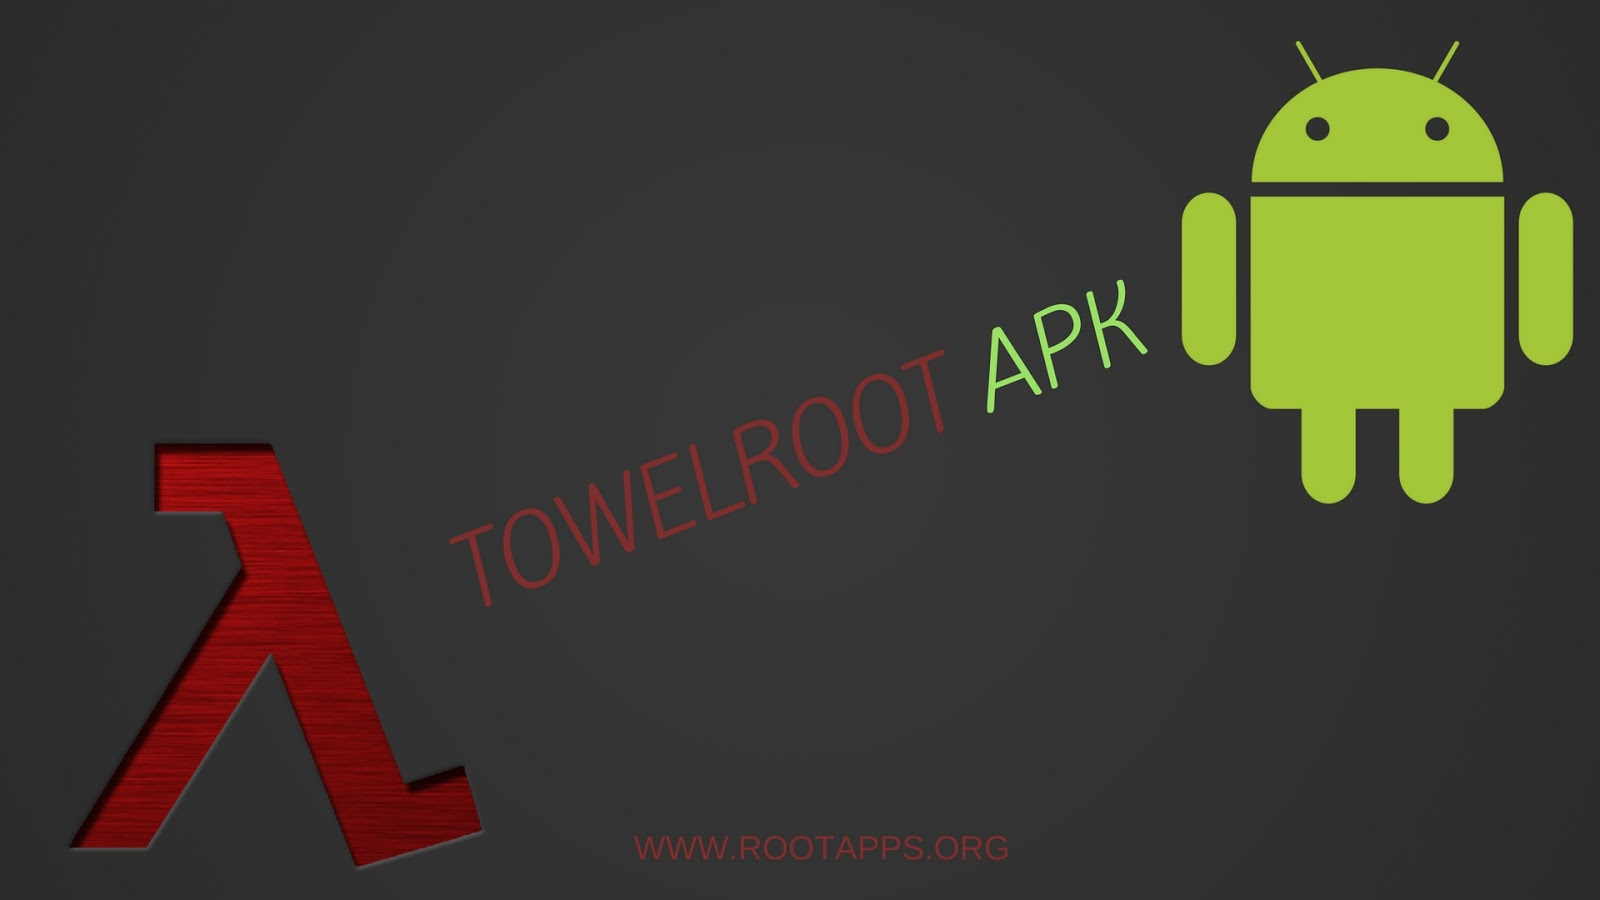 Towelroot APK Download: Towelroot V6 APK Download